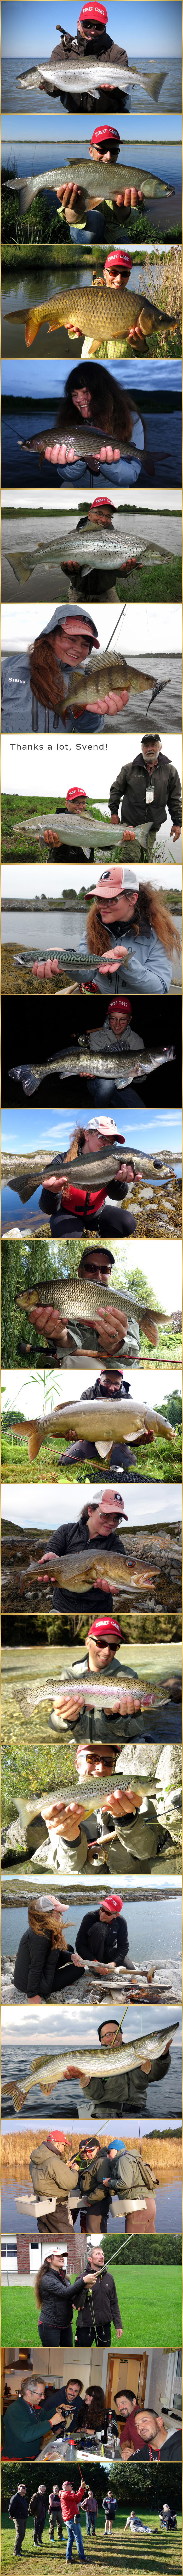 flyfishing-trips